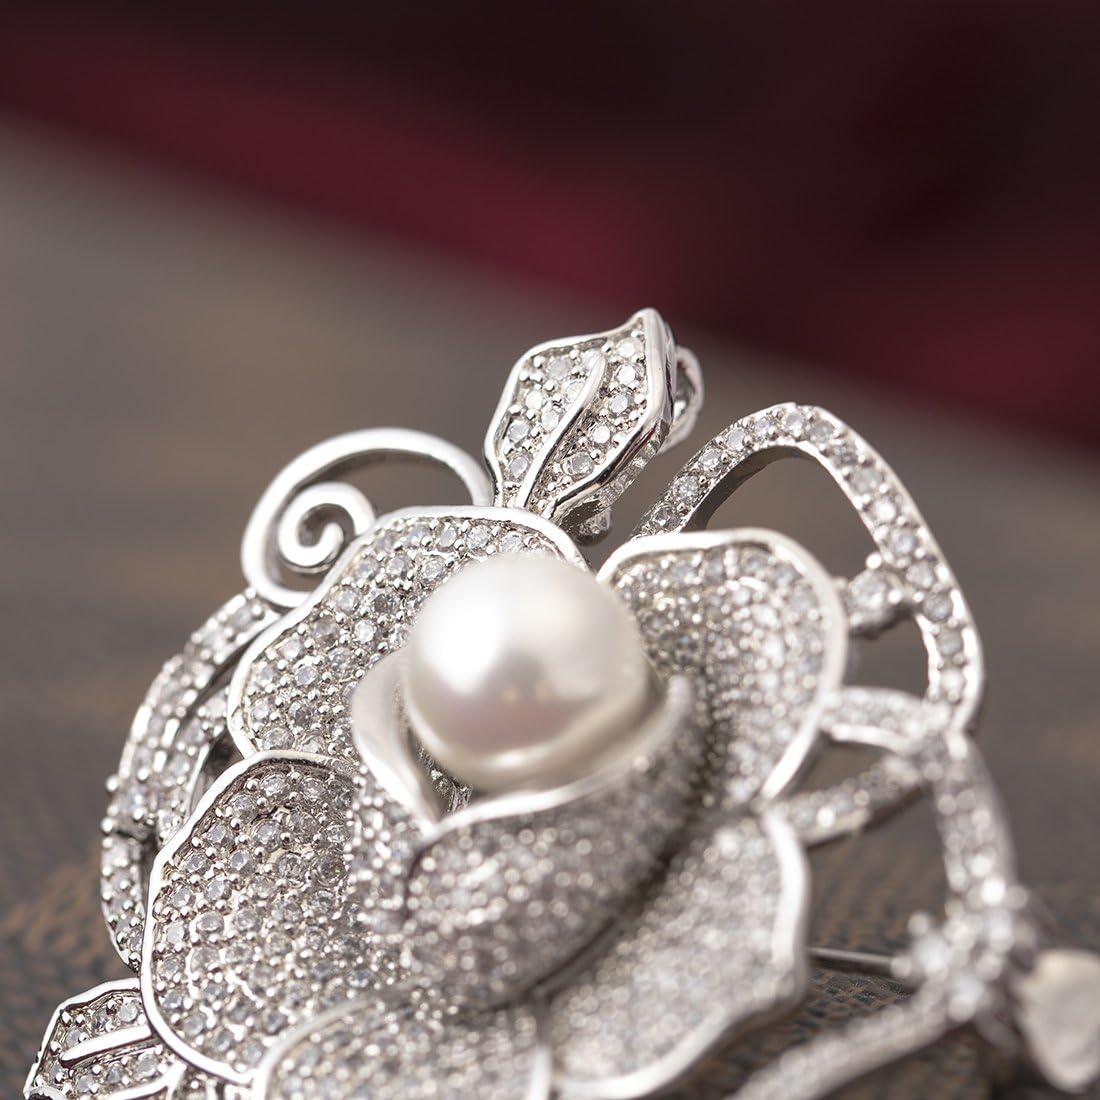 Yazilind Rose Fleur incrust/é Zircon Perle Luxe Broche Femelle Luxe Manteau ch/âle goupille Argent v/êtements Accessoires Couleur